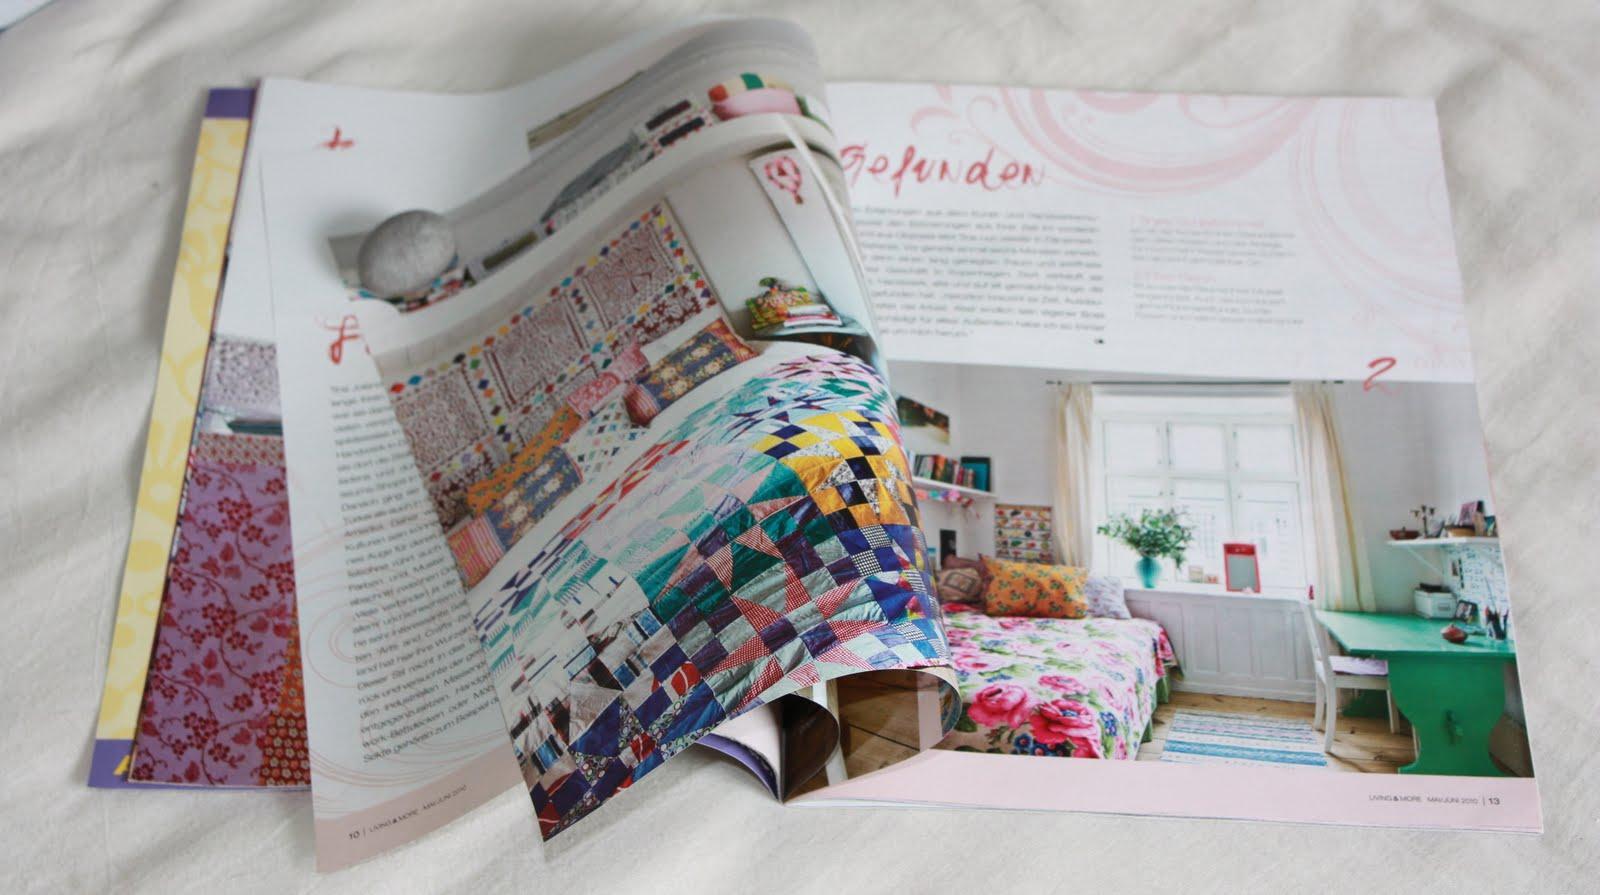 100 sandra zu verschenken und wie vor 100 jahren. Black Bedroom Furniture Sets. Home Design Ideas